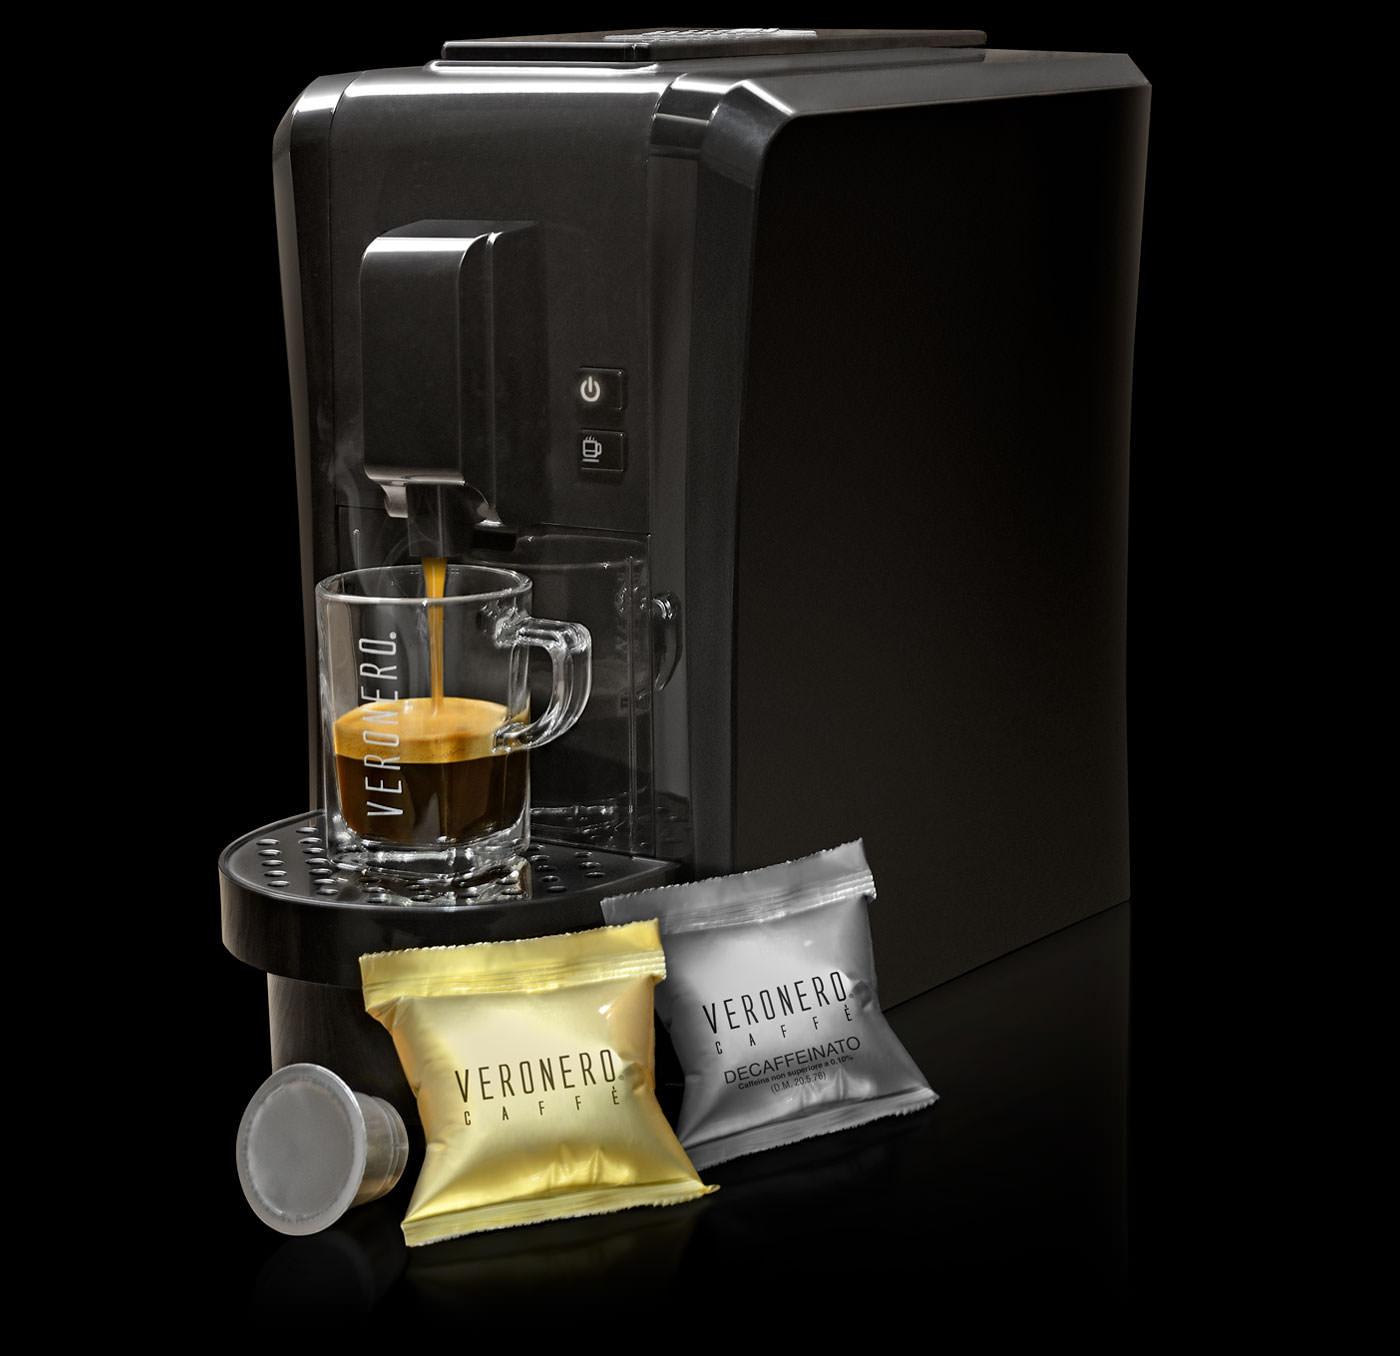 macchina da caffè + caffè in caspule veronero compatibili con macchine nespresso + tazzine in vetro